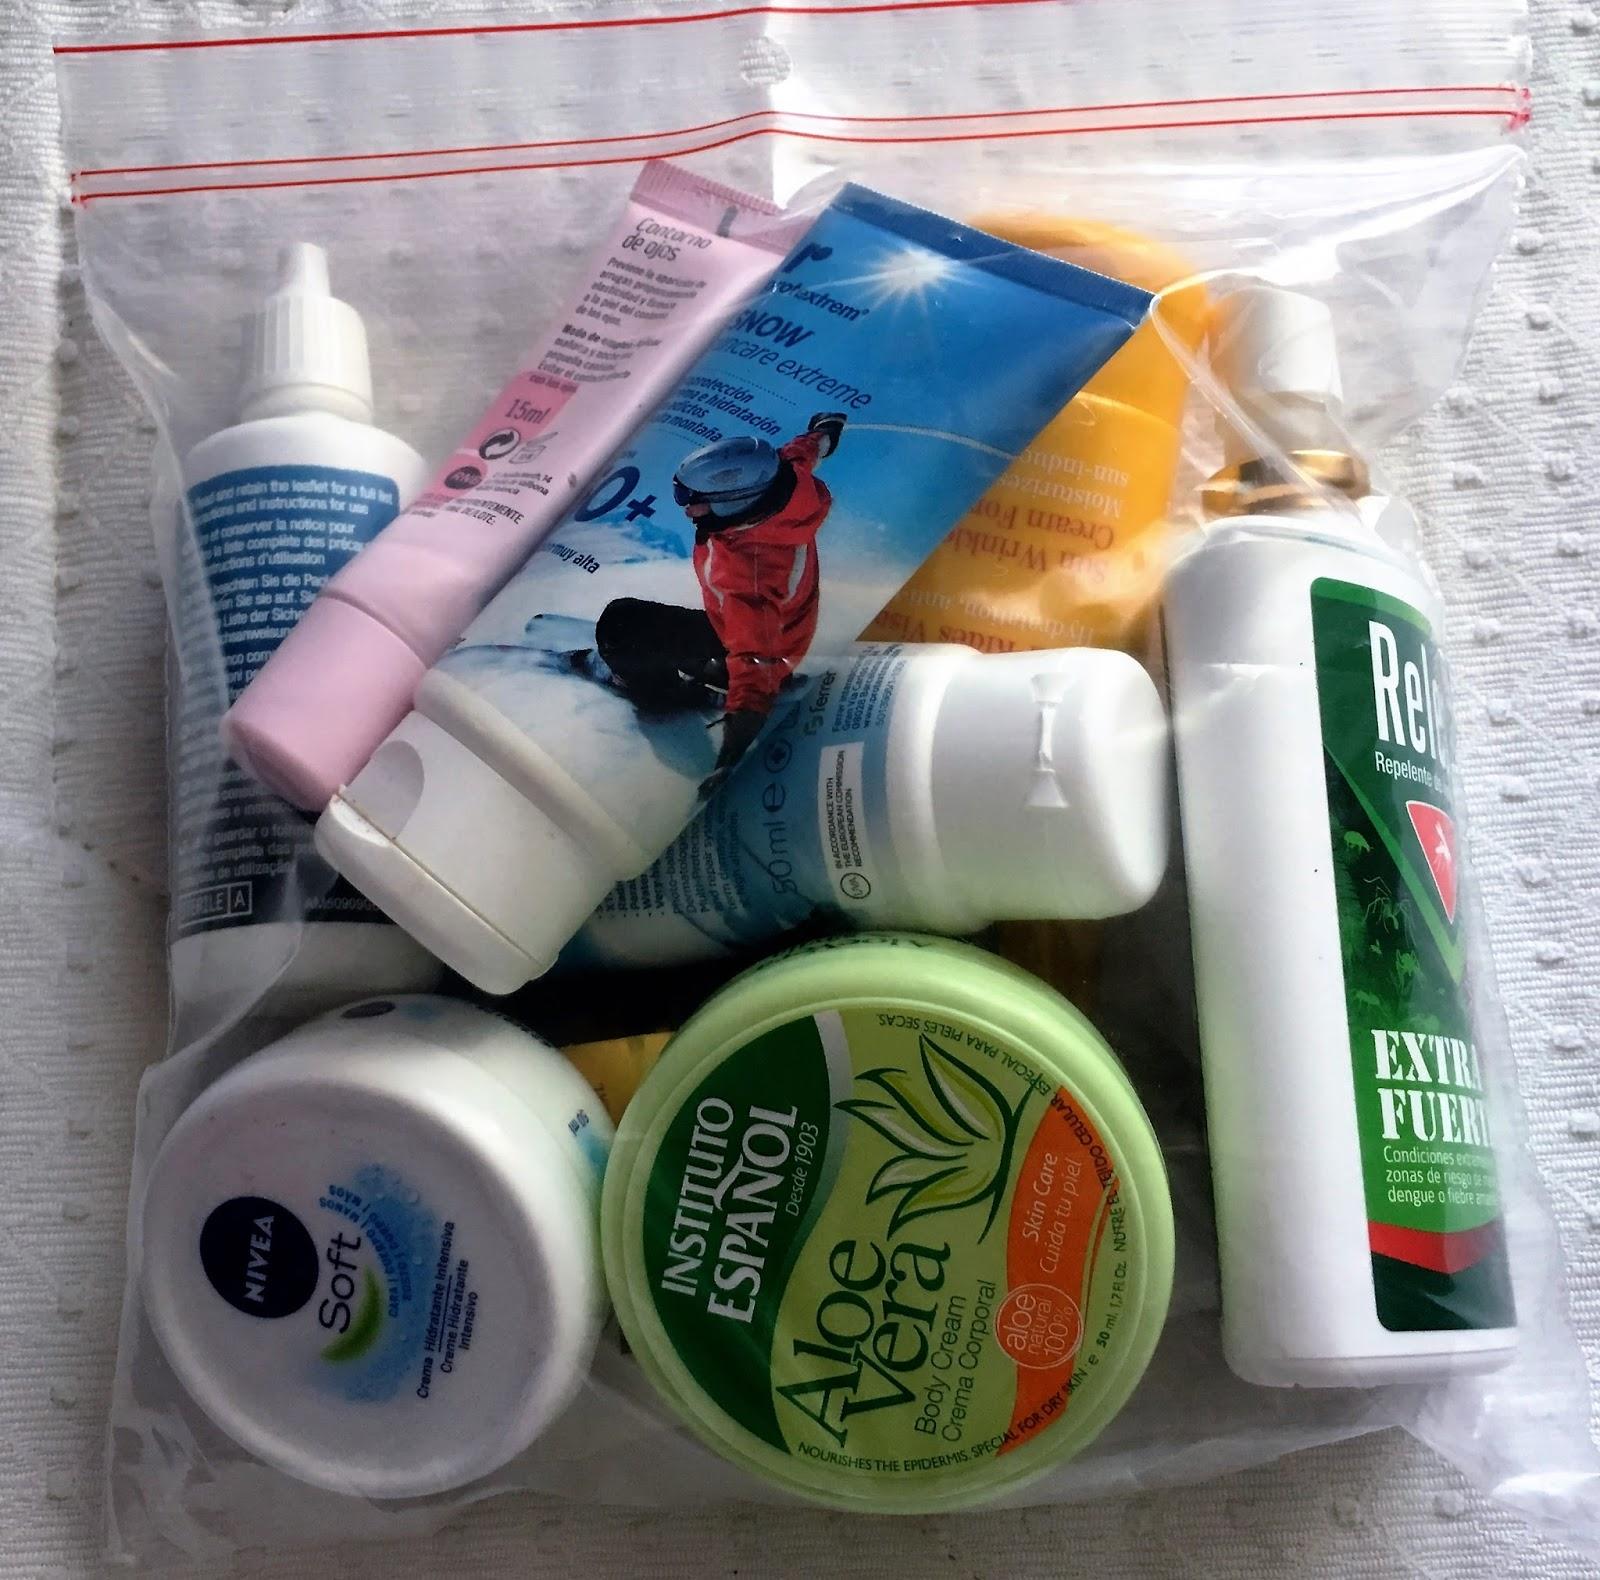 liquidos en equipaje de mano ryanair